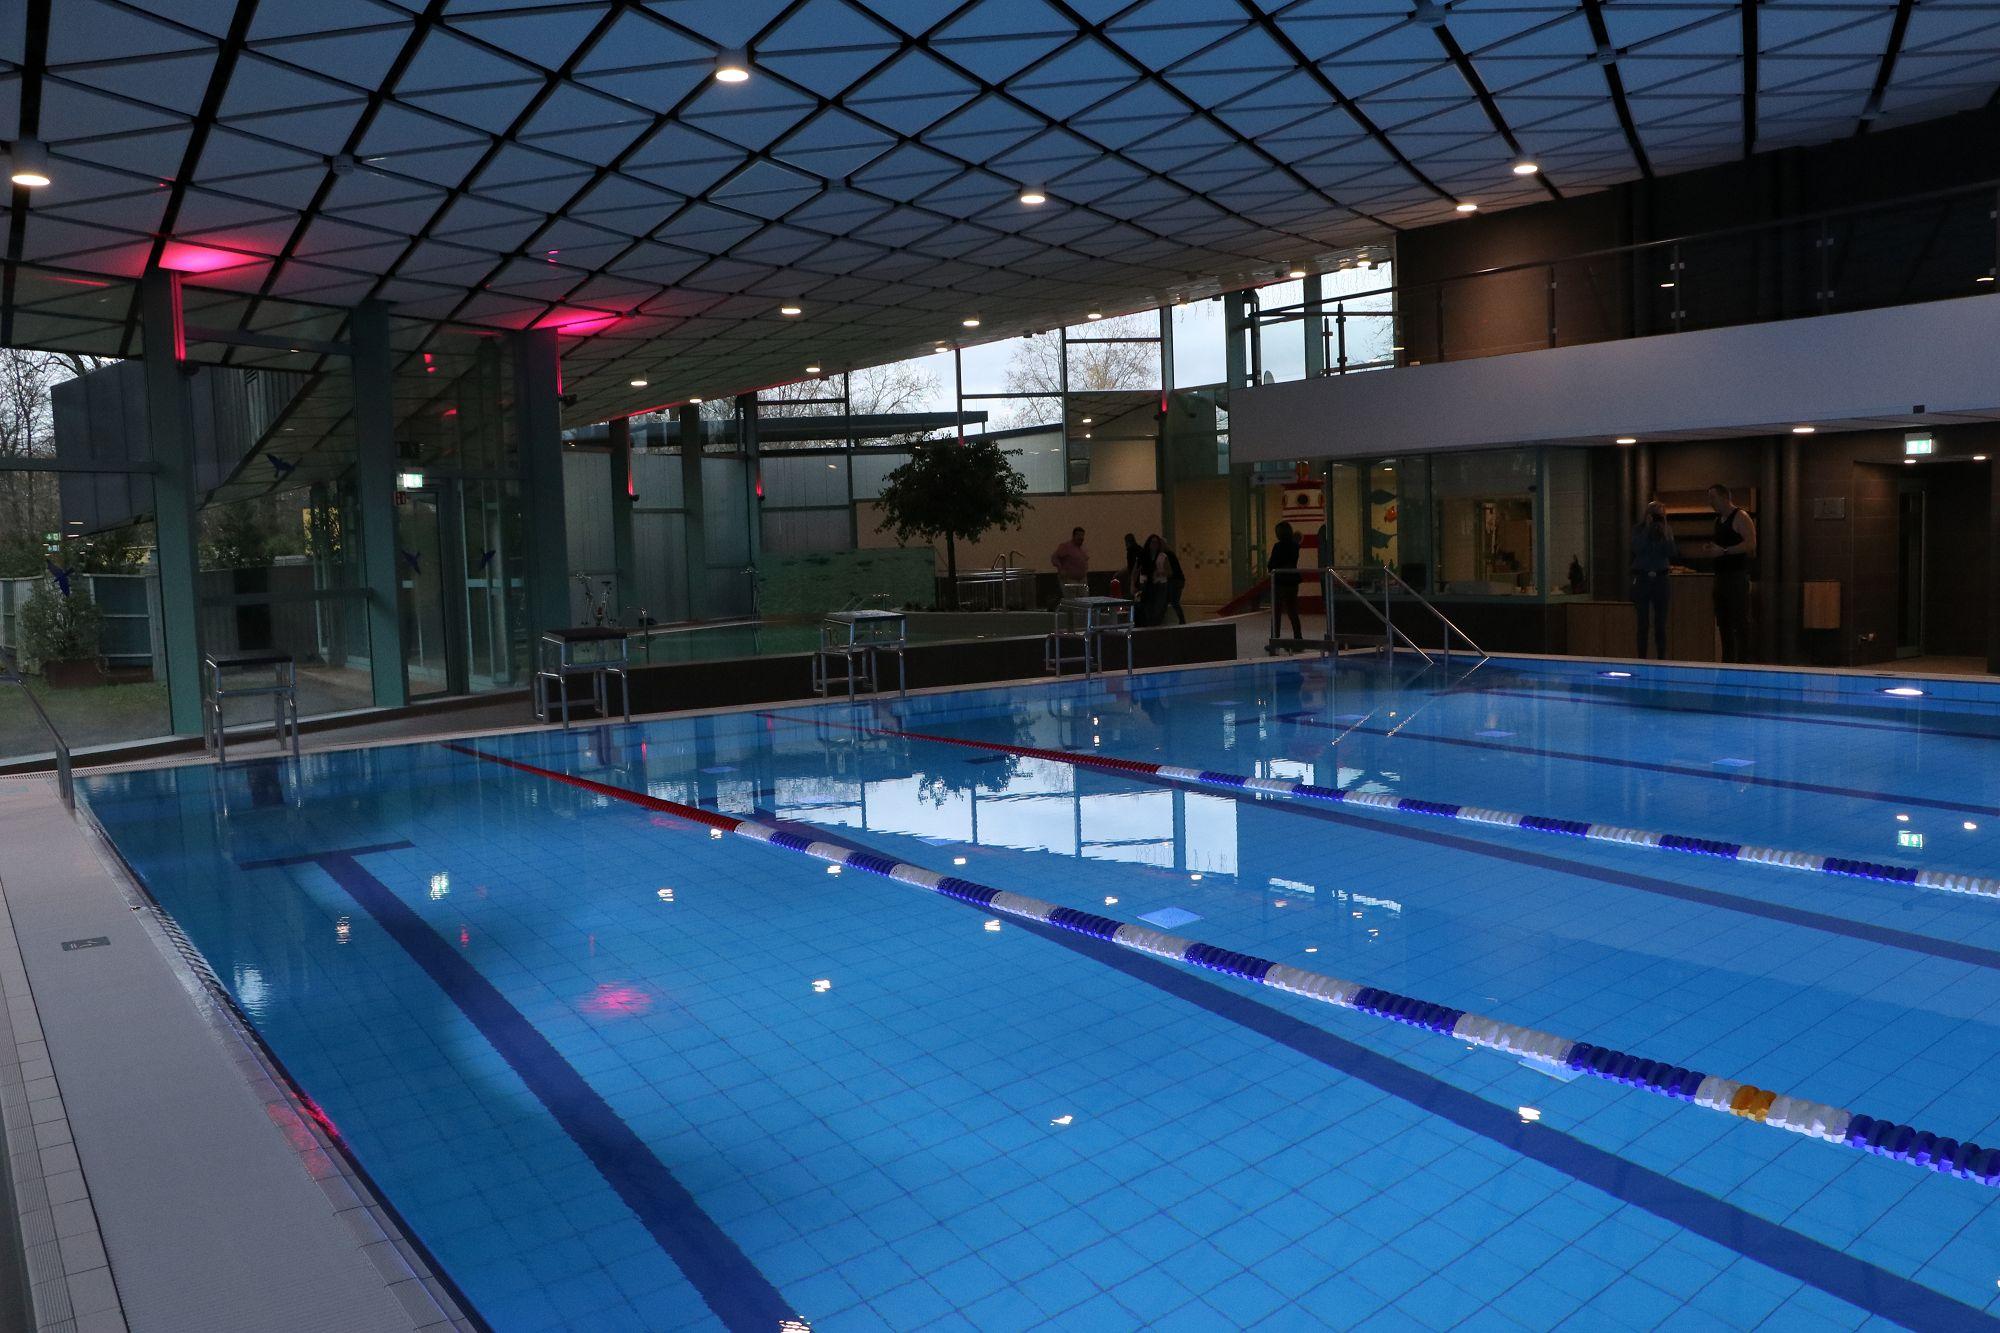 Erweiterte Schwimm- und Saunazeiten ab Anfang März